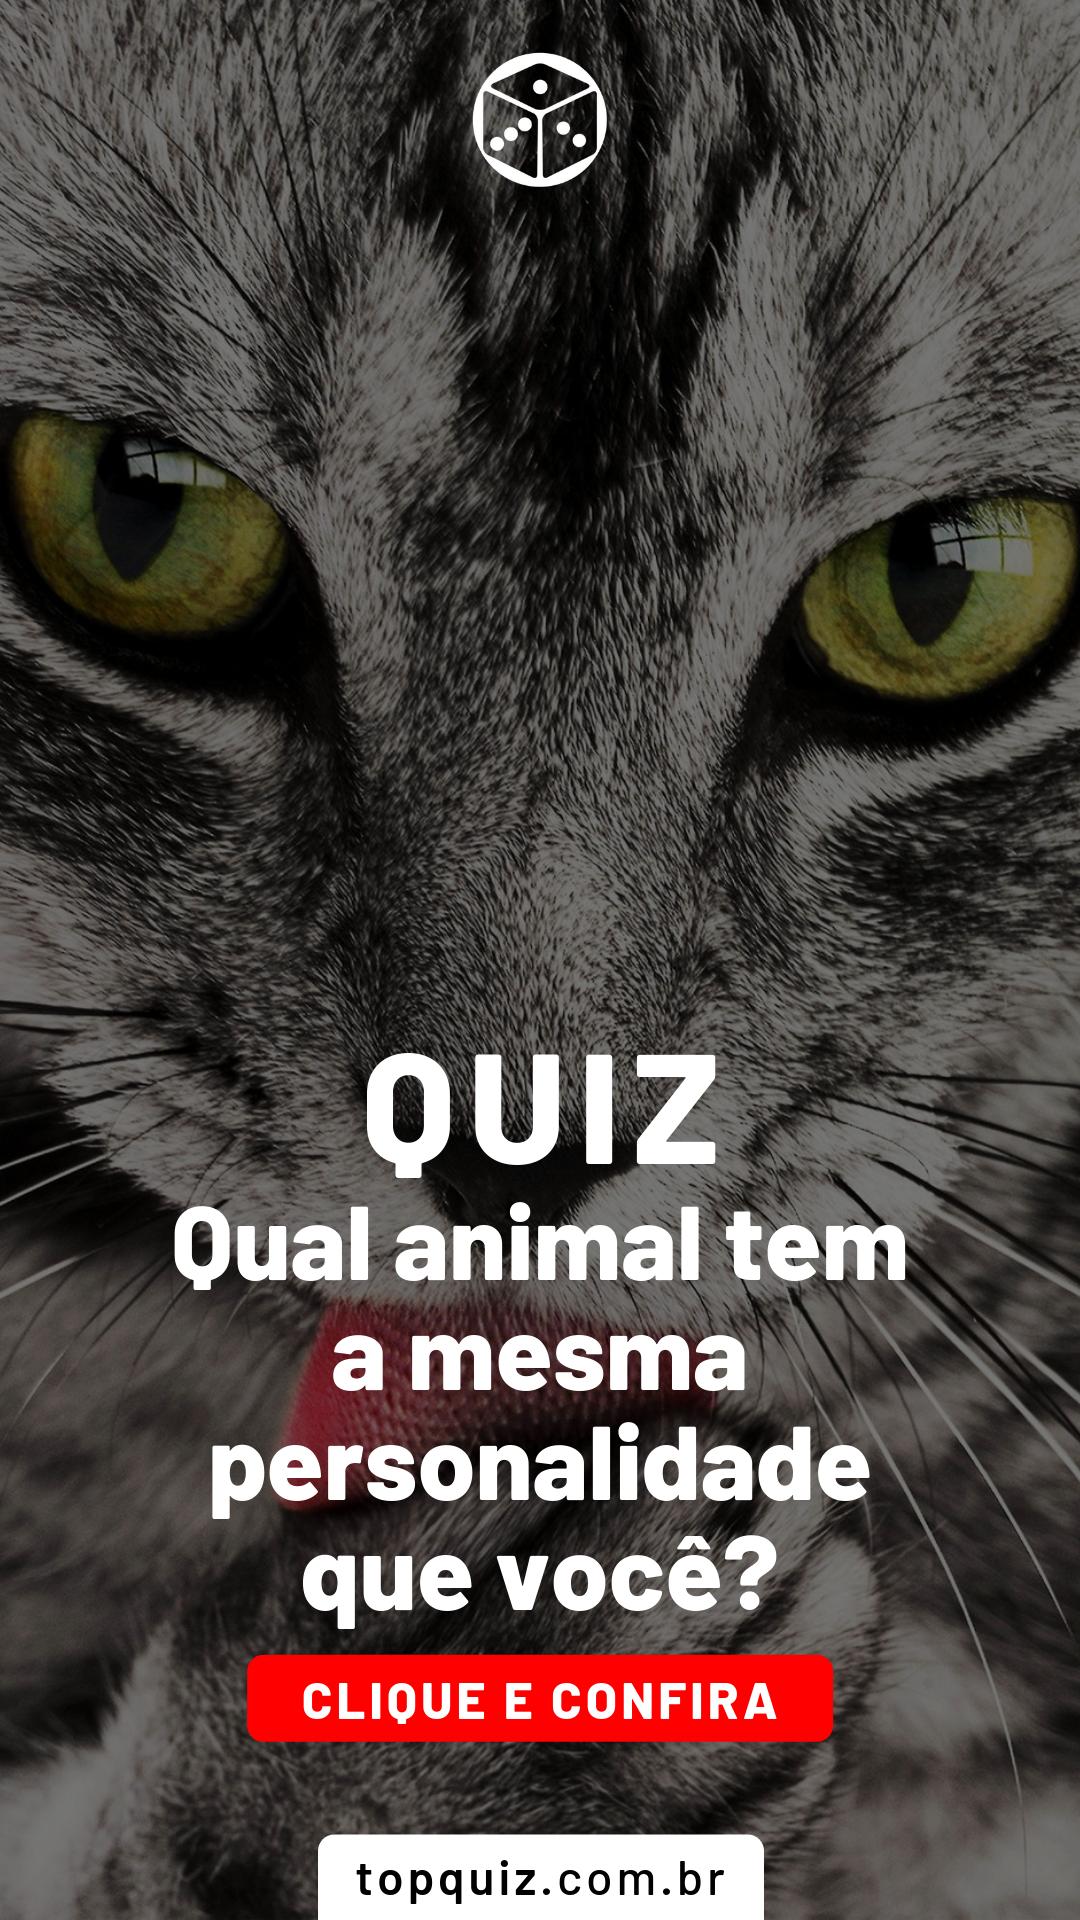 [TESTE] Qual animal tem a mesma personalidade que você